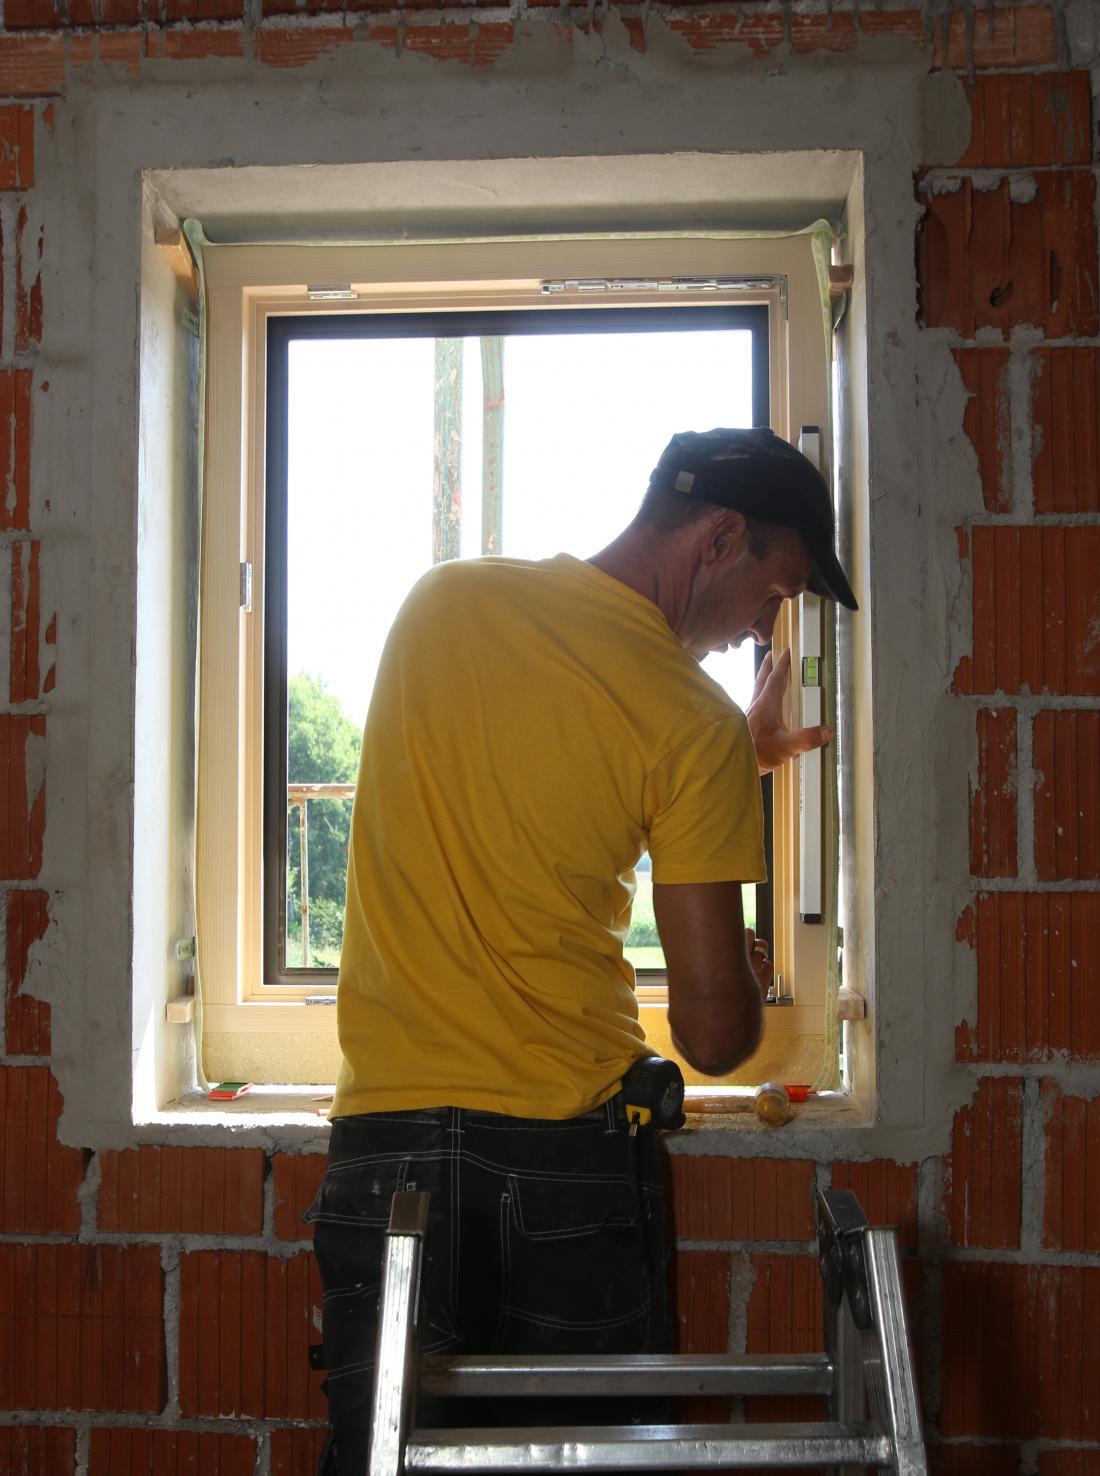 Monter je okno pritrdil ob špalete z lesenimi zagozdami, podstavil trajne podložke pod okvir in distančnike ob strani, vodoraven položaj pa ob vsaki spremembi preveril z libelo.